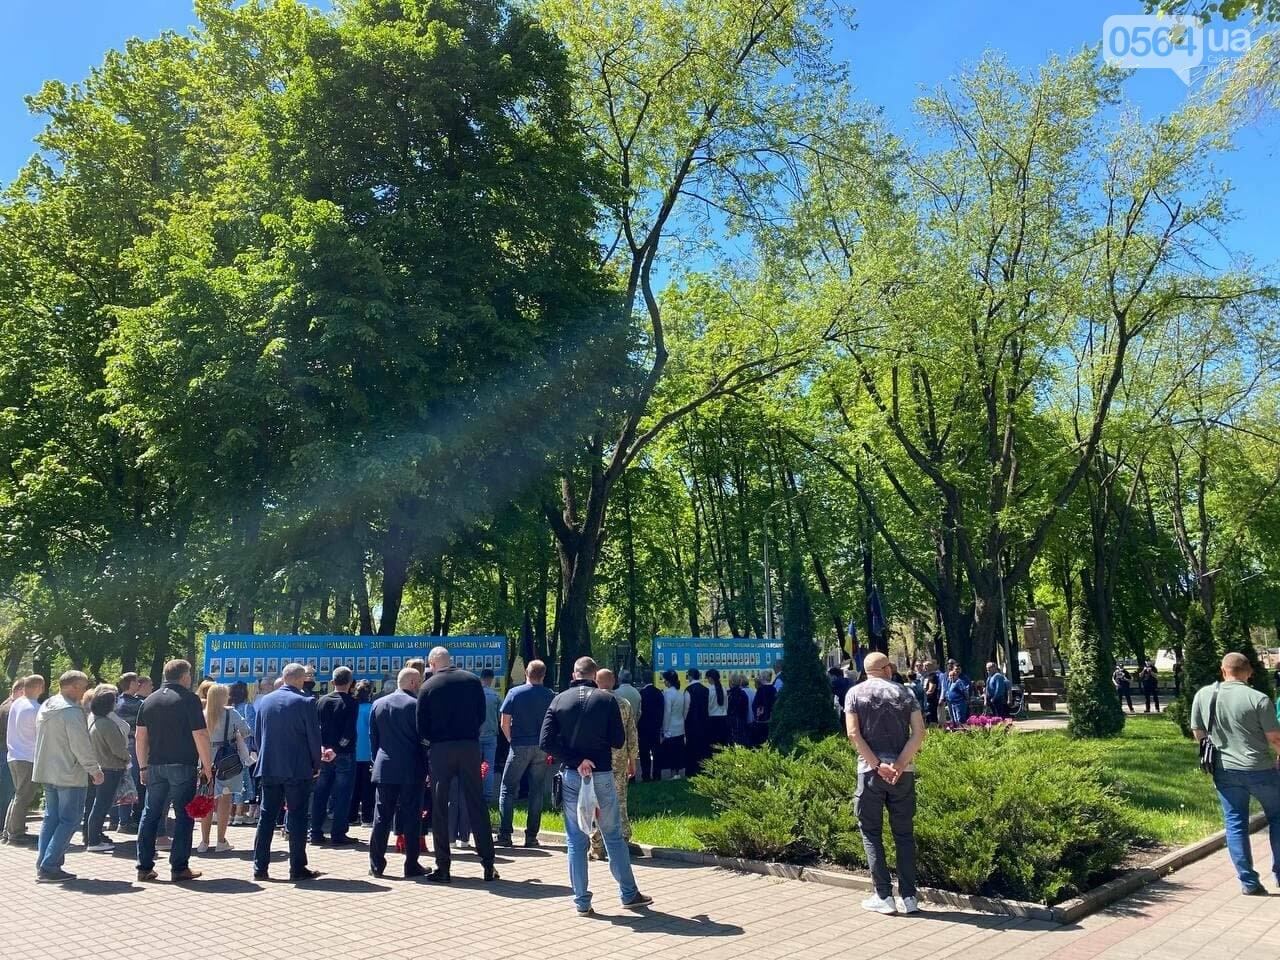 """7 годовщина создания батальона """"Кривбасс"""": горожане почтили память мертвых и поблагодарили живых воинов, - ФОТО, ВИДЕО , фото-1"""